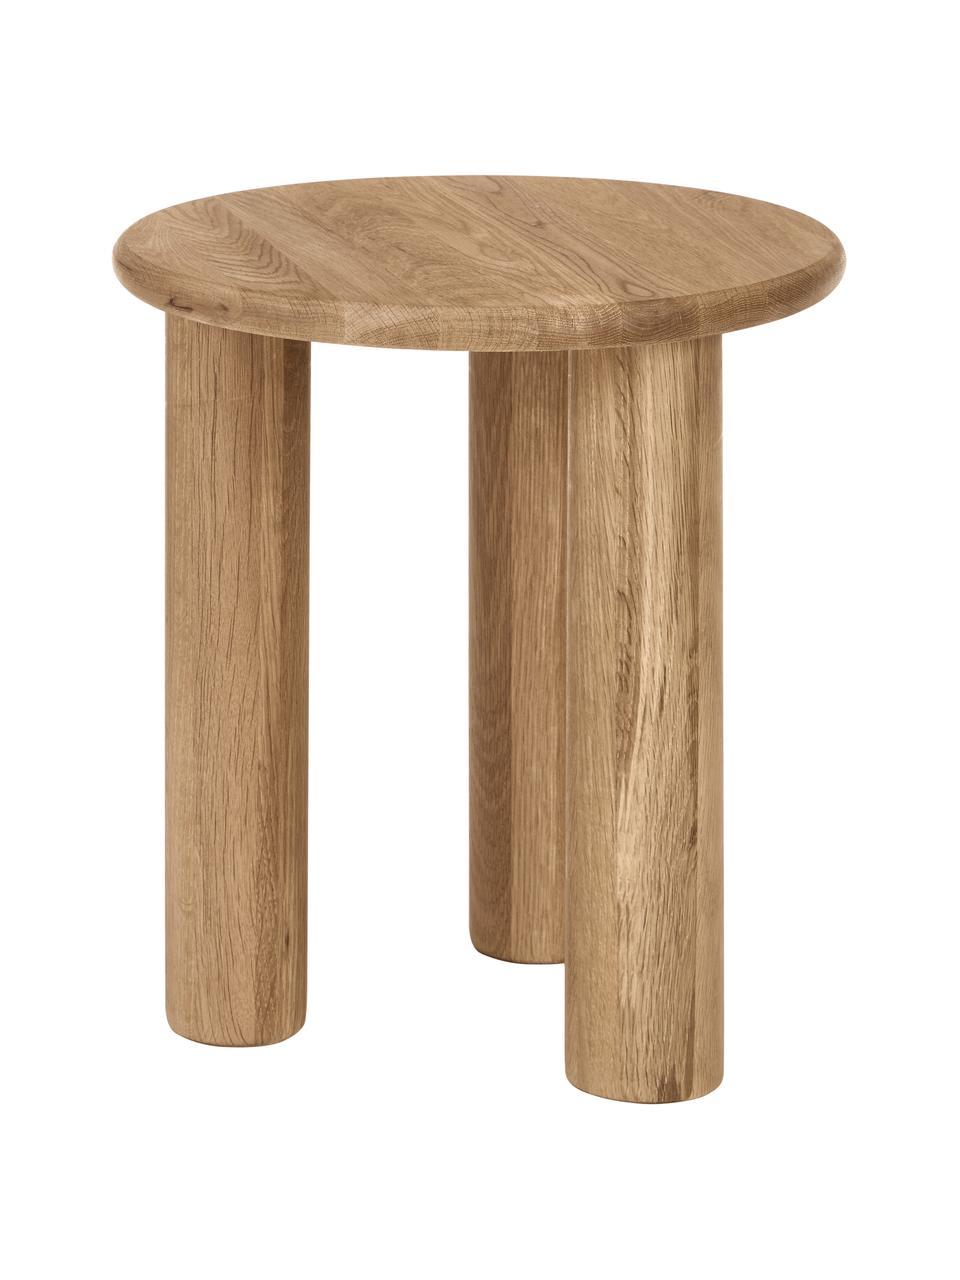 Stolik pomocniczy z drewna dębowego Didi, Lite drewno dębowe, olejowane, Brązowy, Ø 40 x W 45 cm